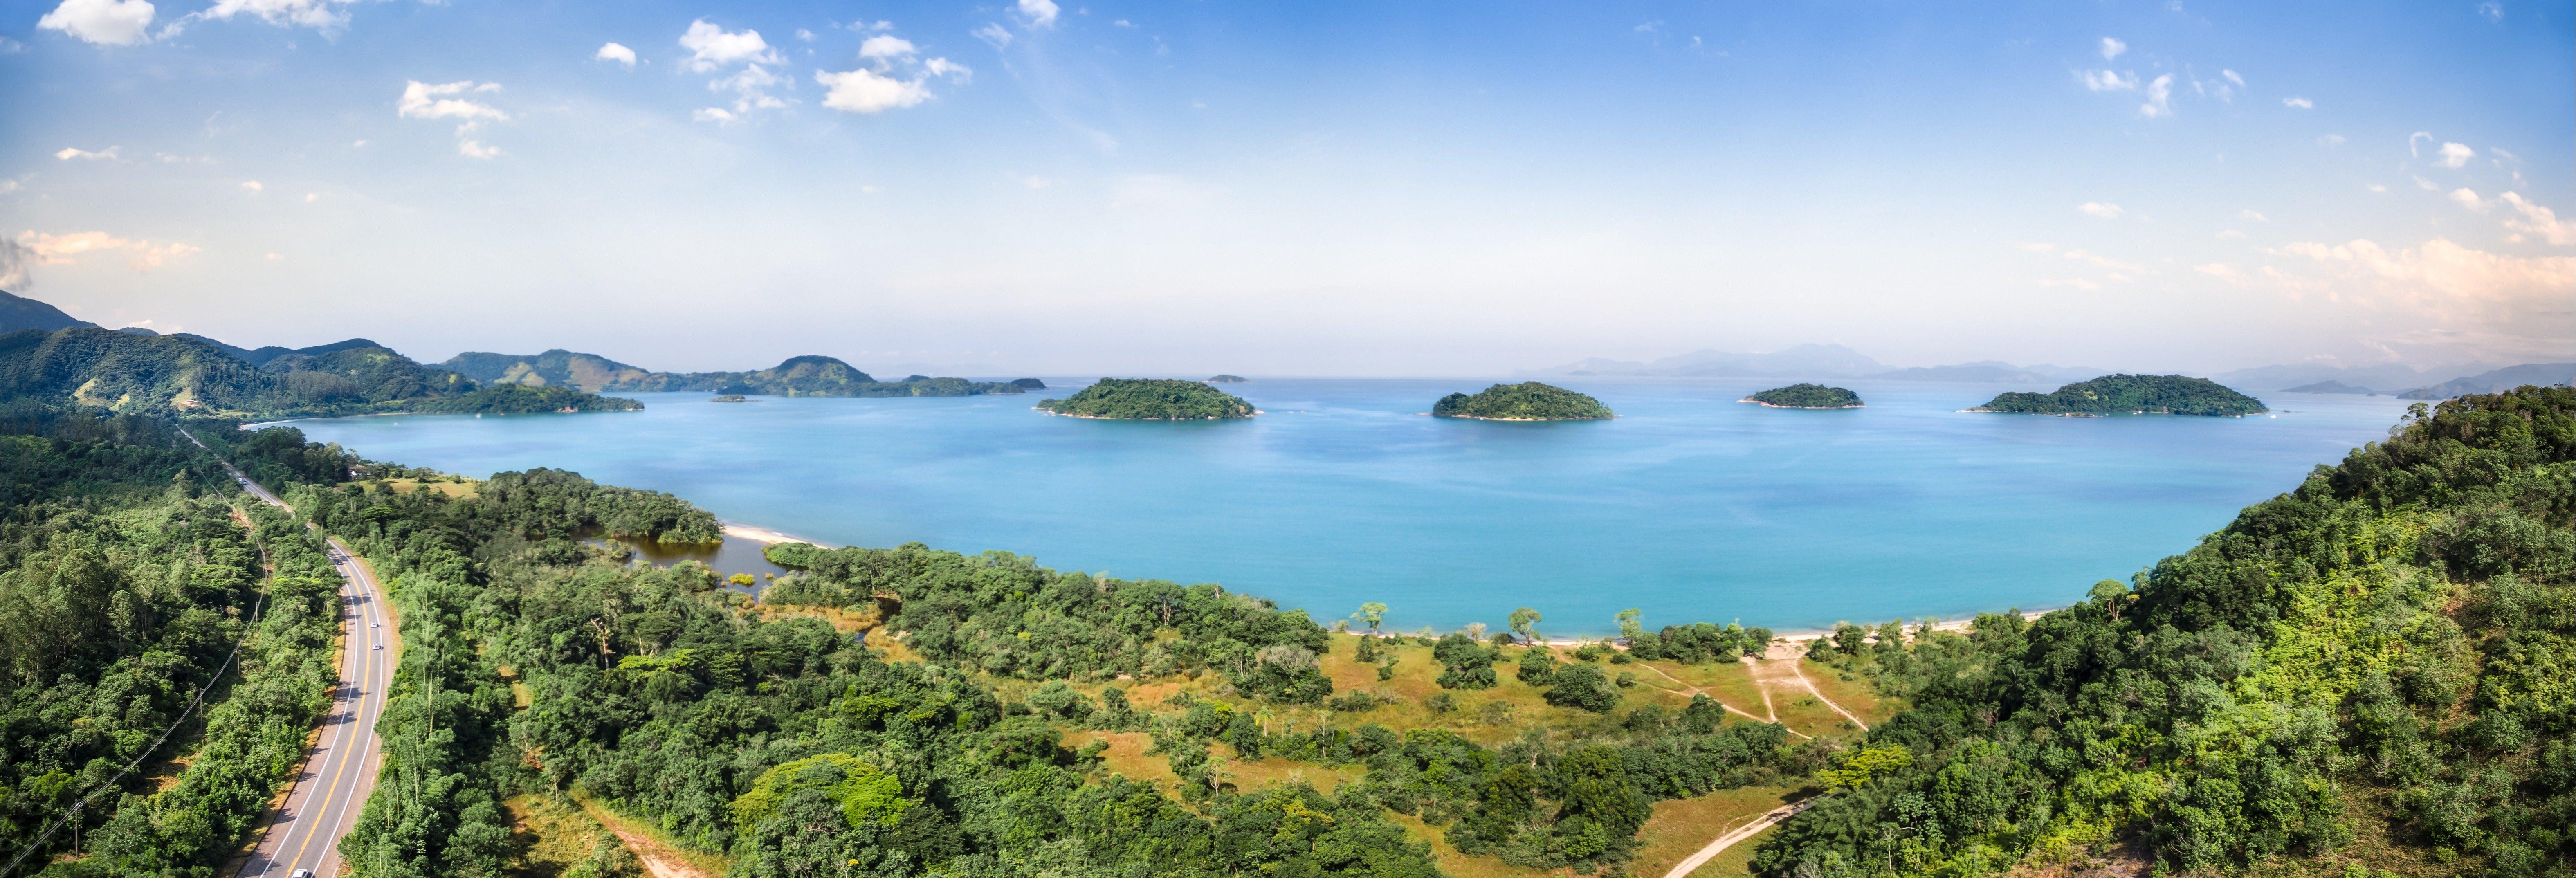 Excursão às ilhas de Paraty